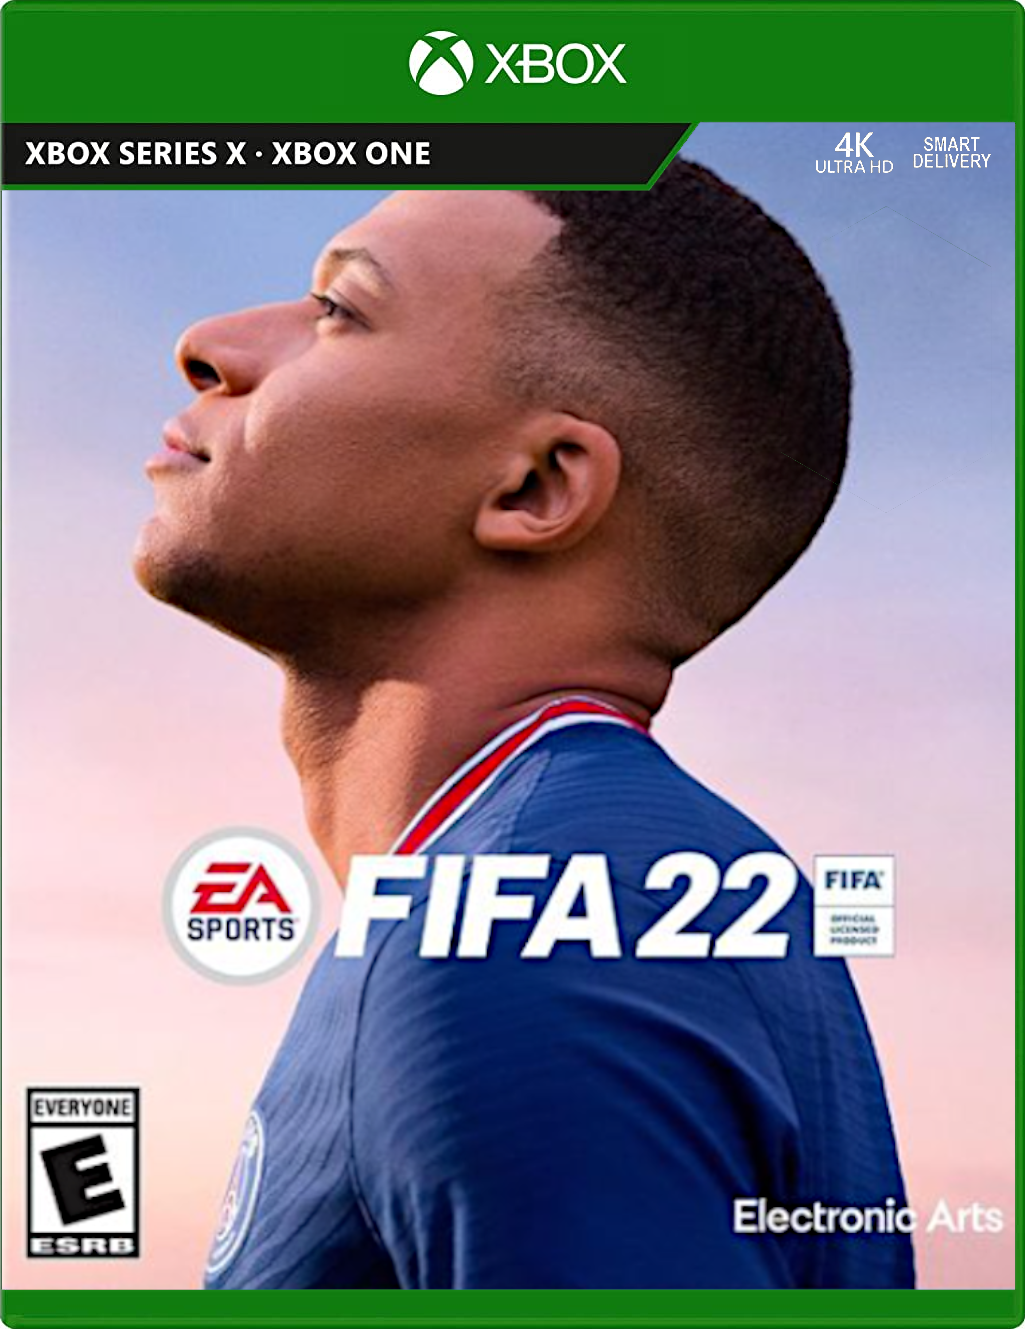 FIFA 22 (Series X kompatibilis) - Xbox Series X Játékok